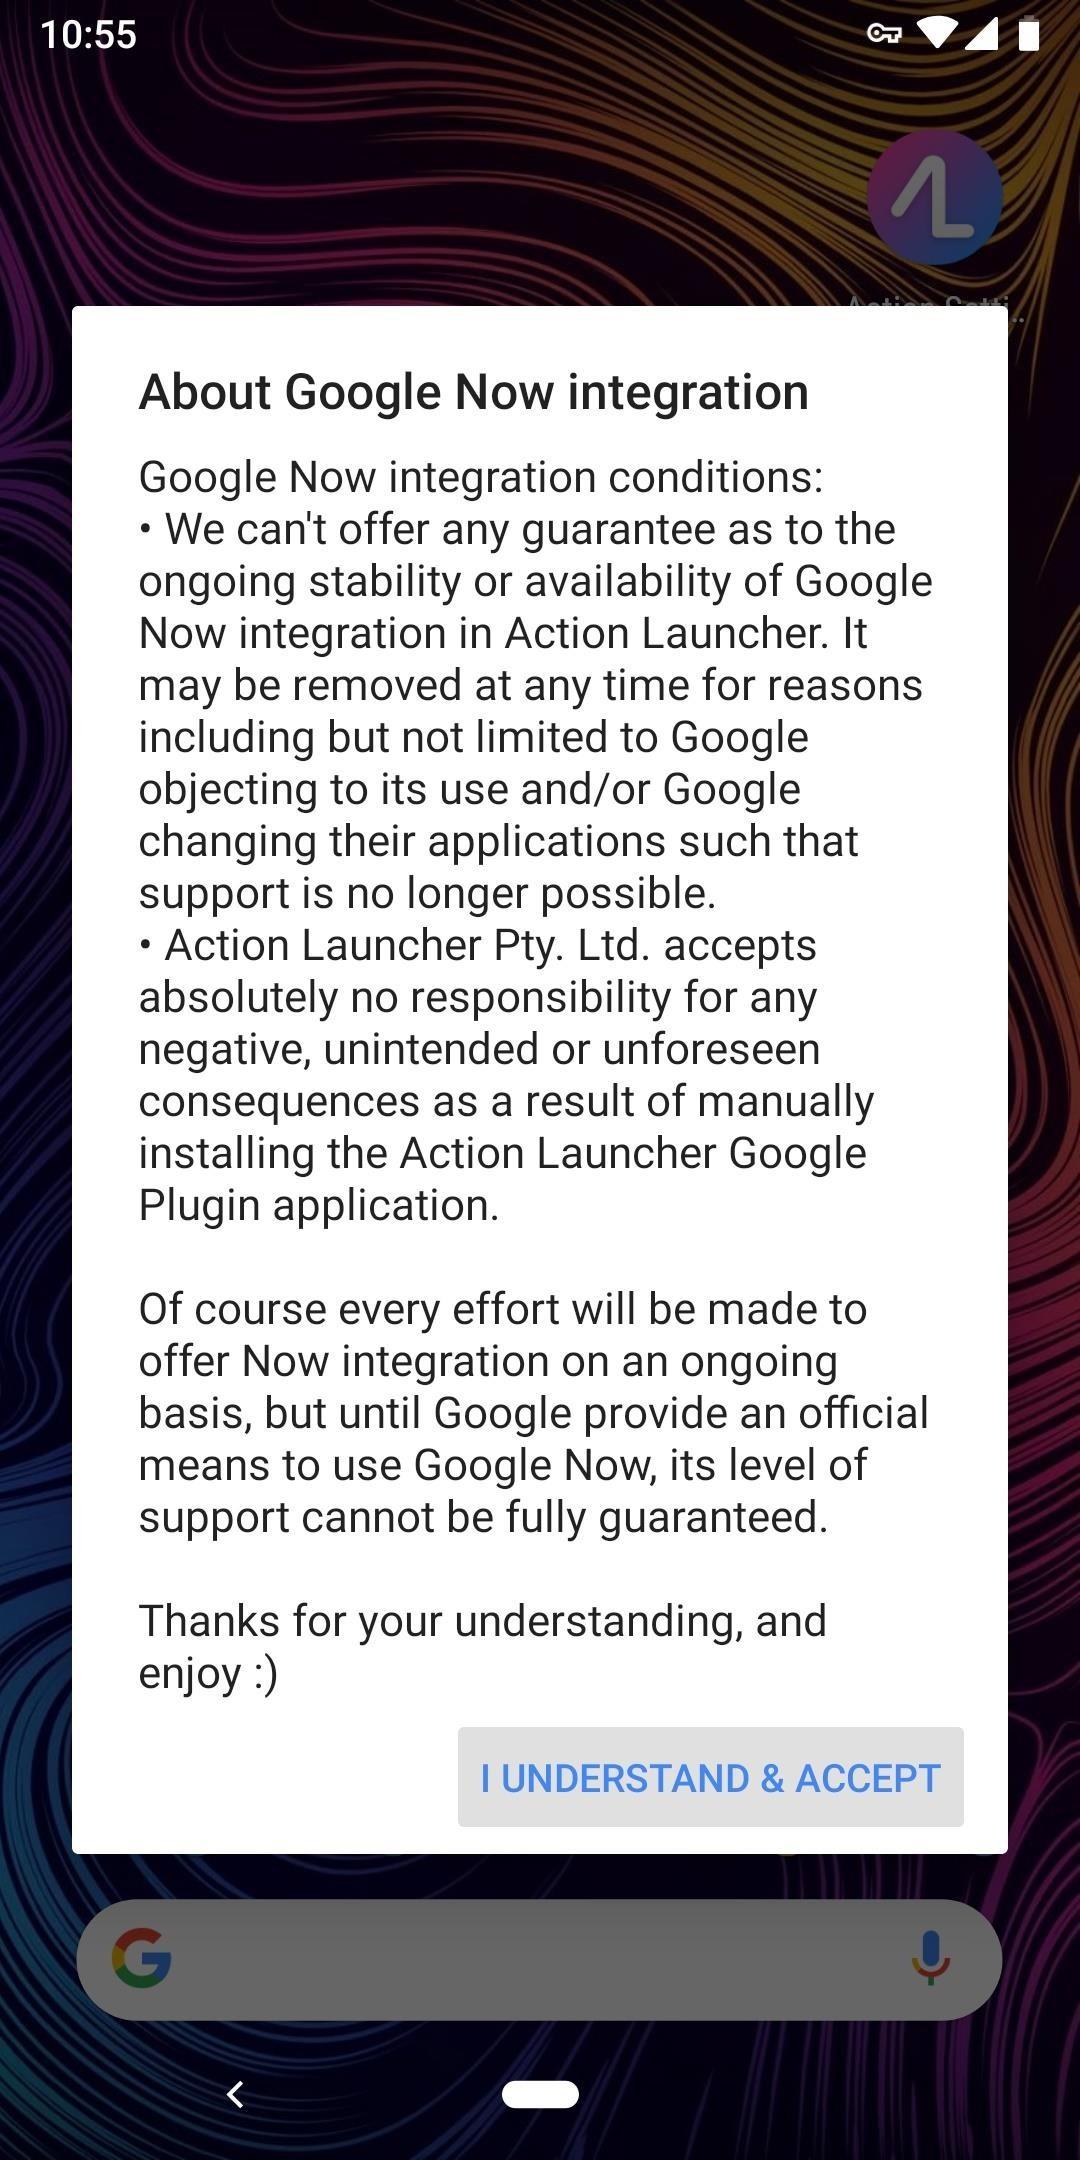 كيفية تمكين جوجل الآن التكامل في العمل المشغل